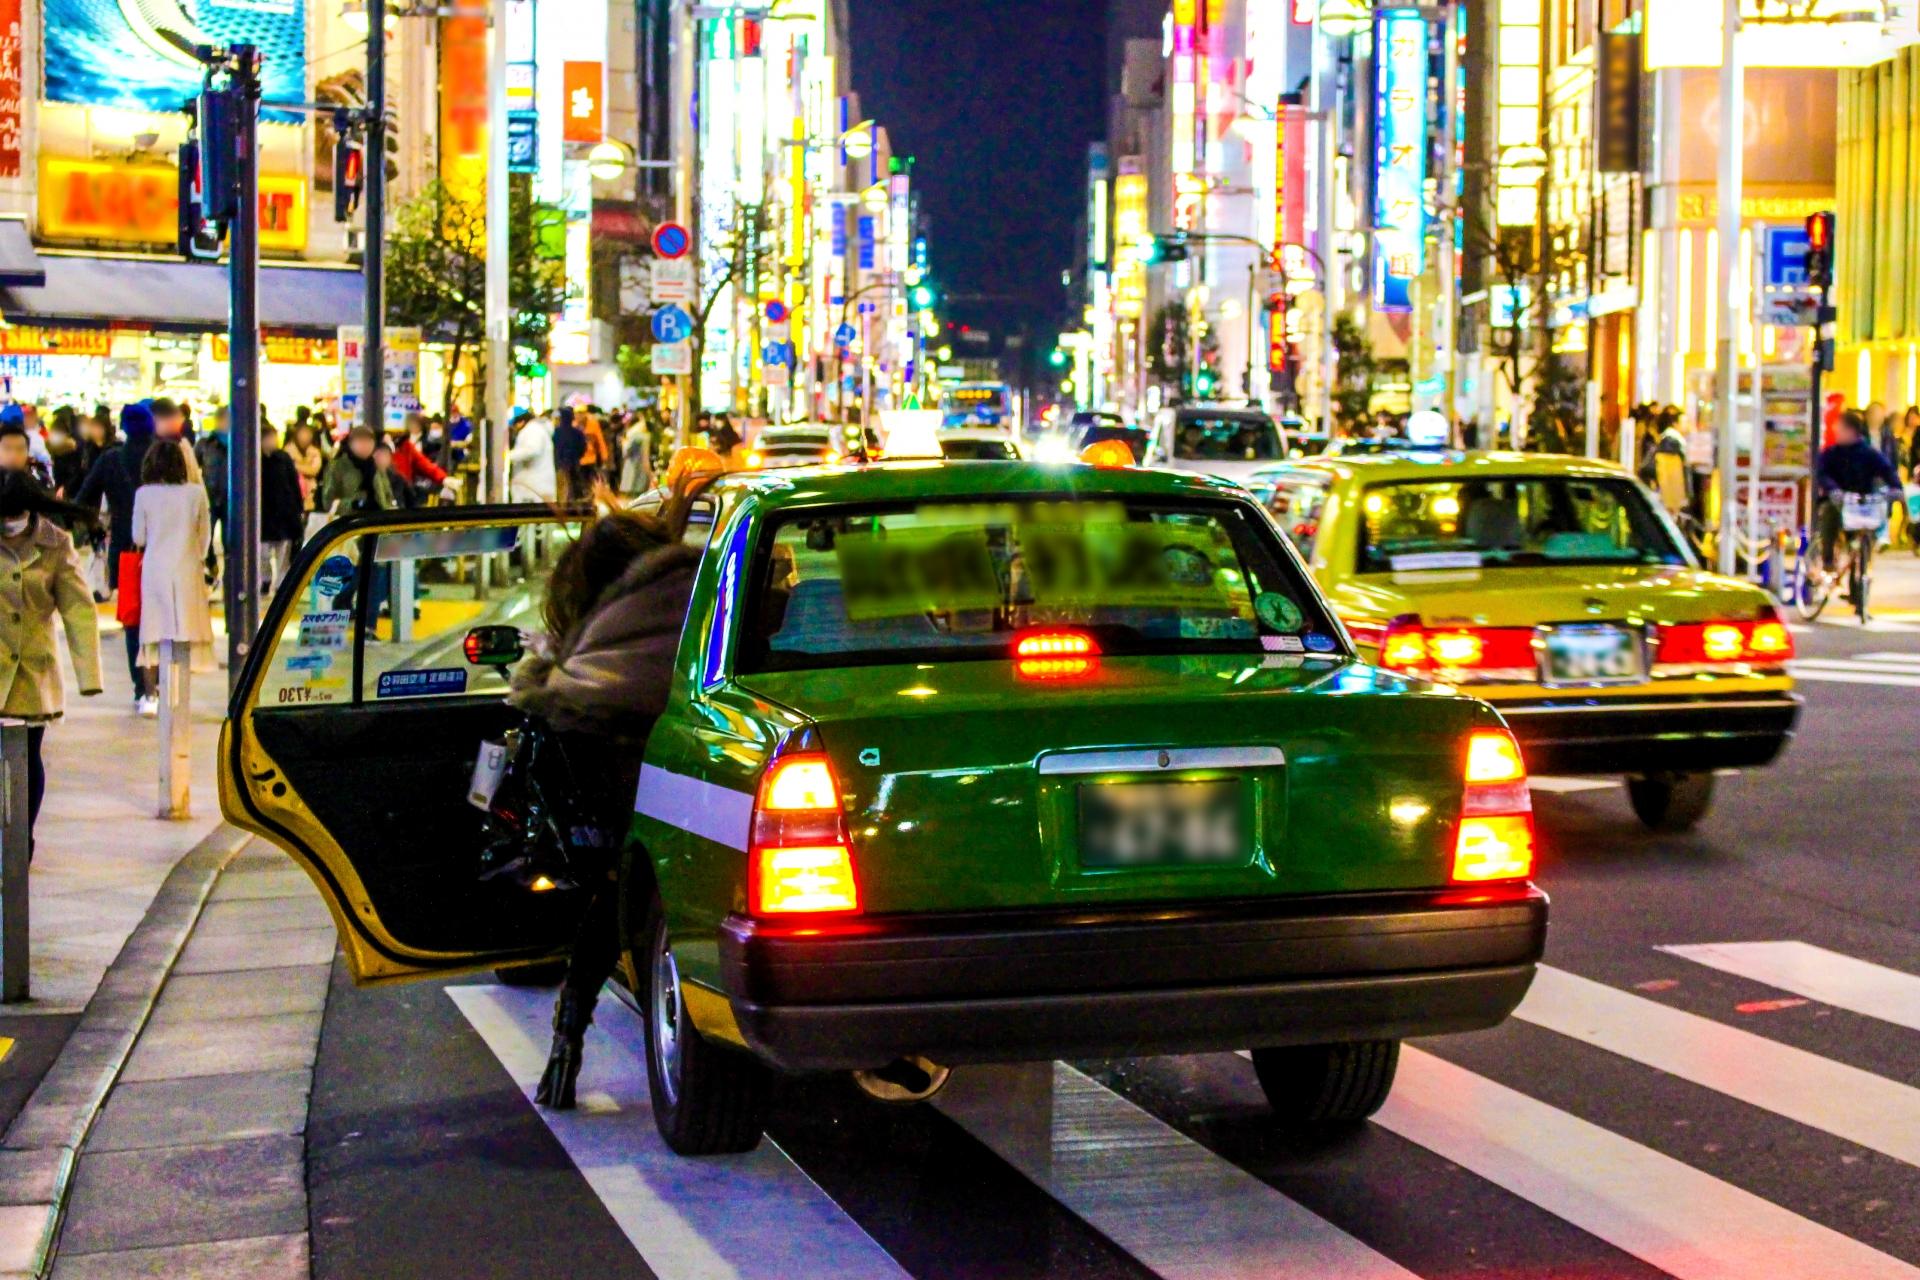 タクシーの行灯が赤く点灯していた!その意味と取るべき行動